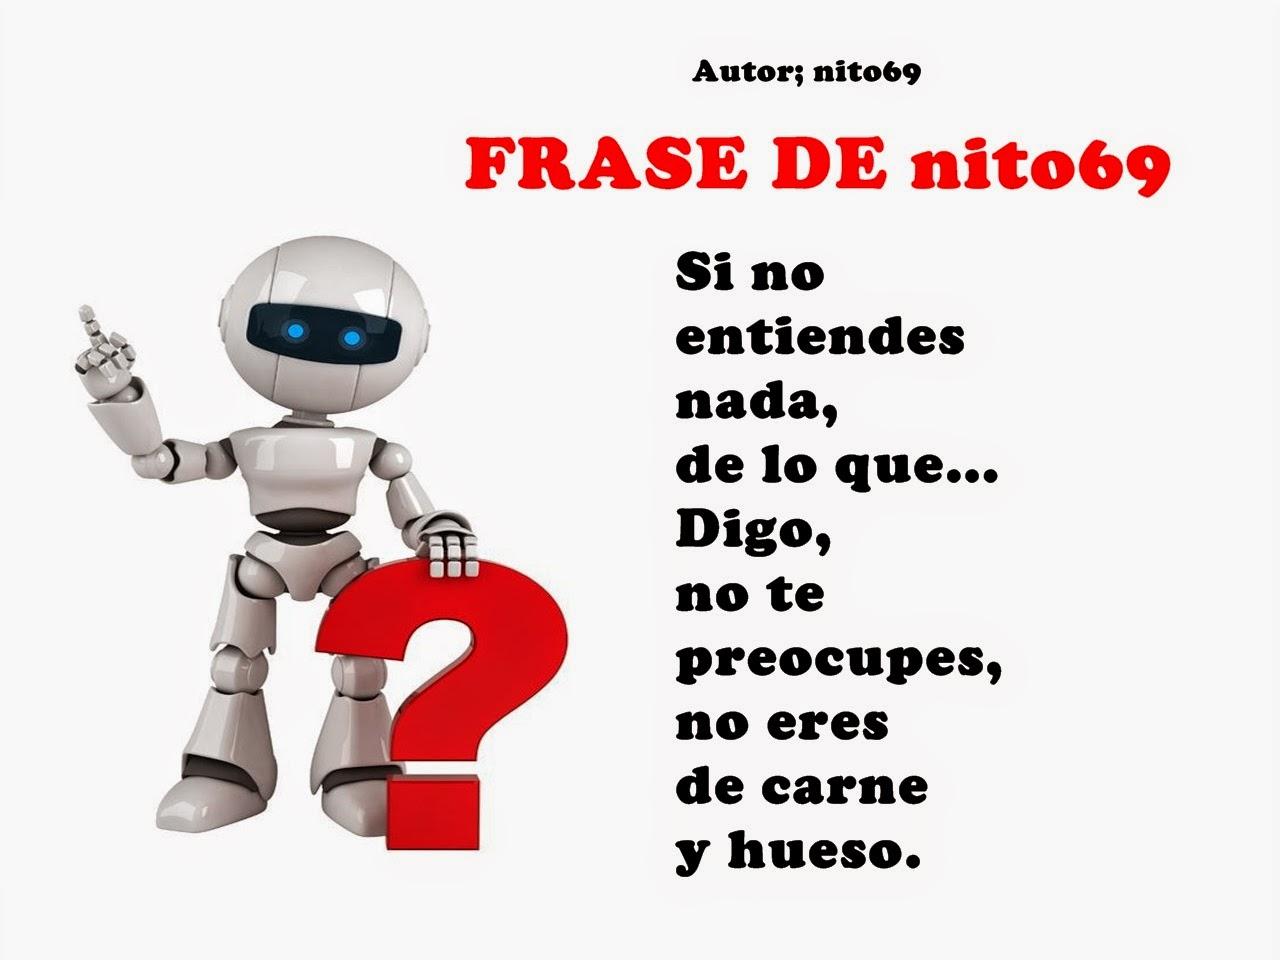 FRASE DE nito69